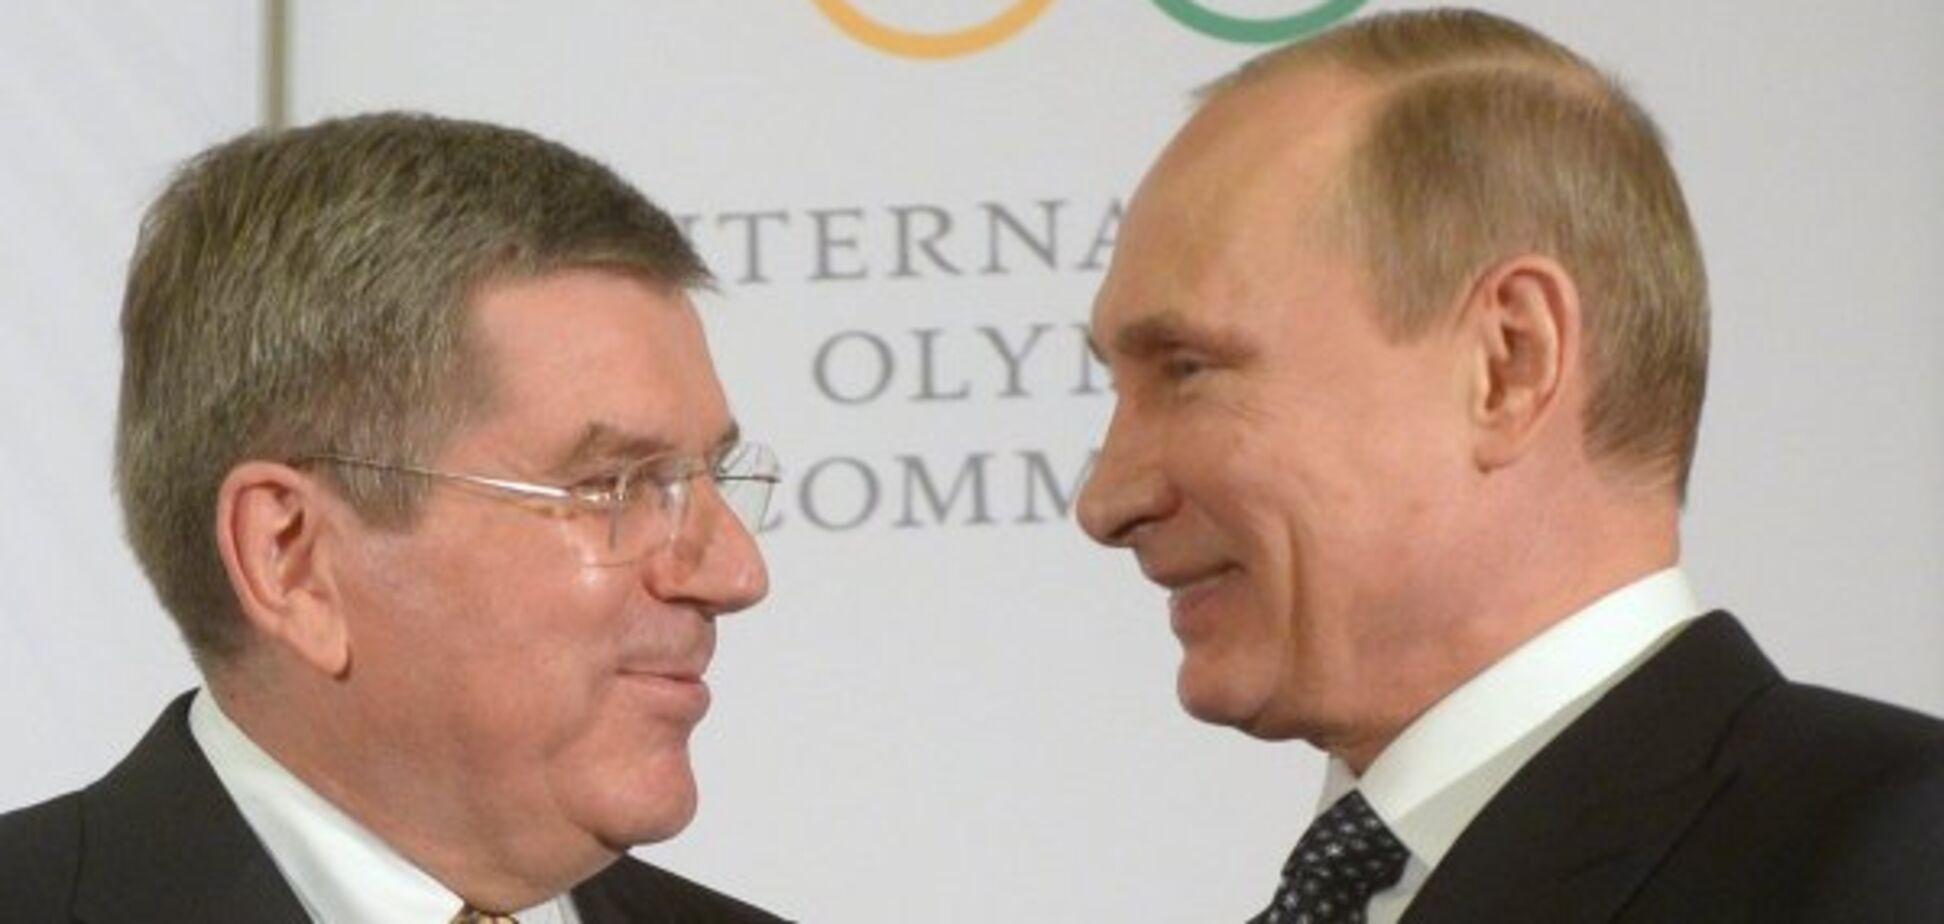 'Все одно свиня': на Олімпіаді пропісочили Росію через Путіна